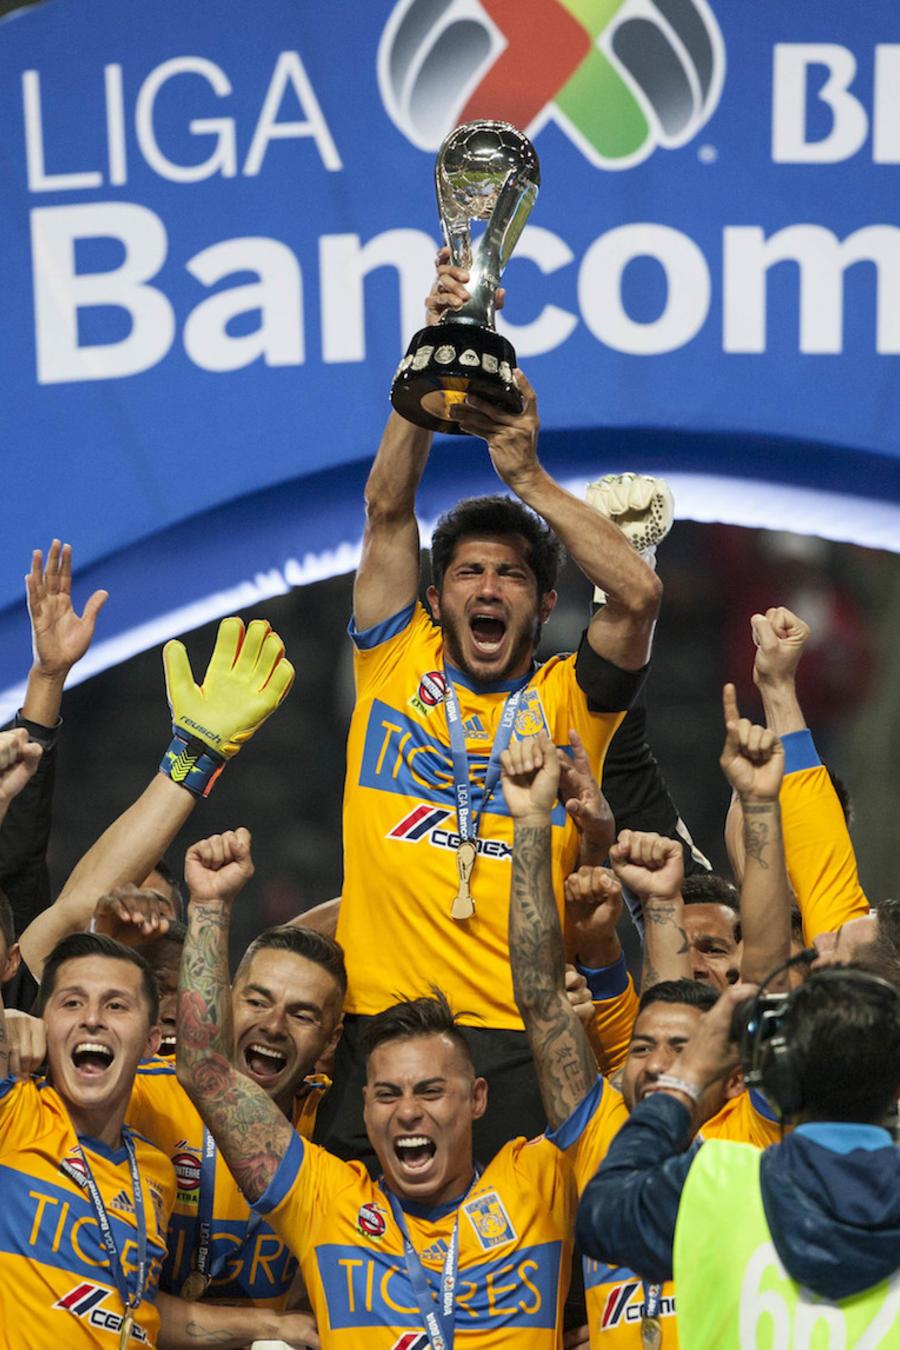 El equipo de Tigres, de la ciudad de Monterrey, nuevo León festeja el campeonato el pasado 10 de diciembre 2017.